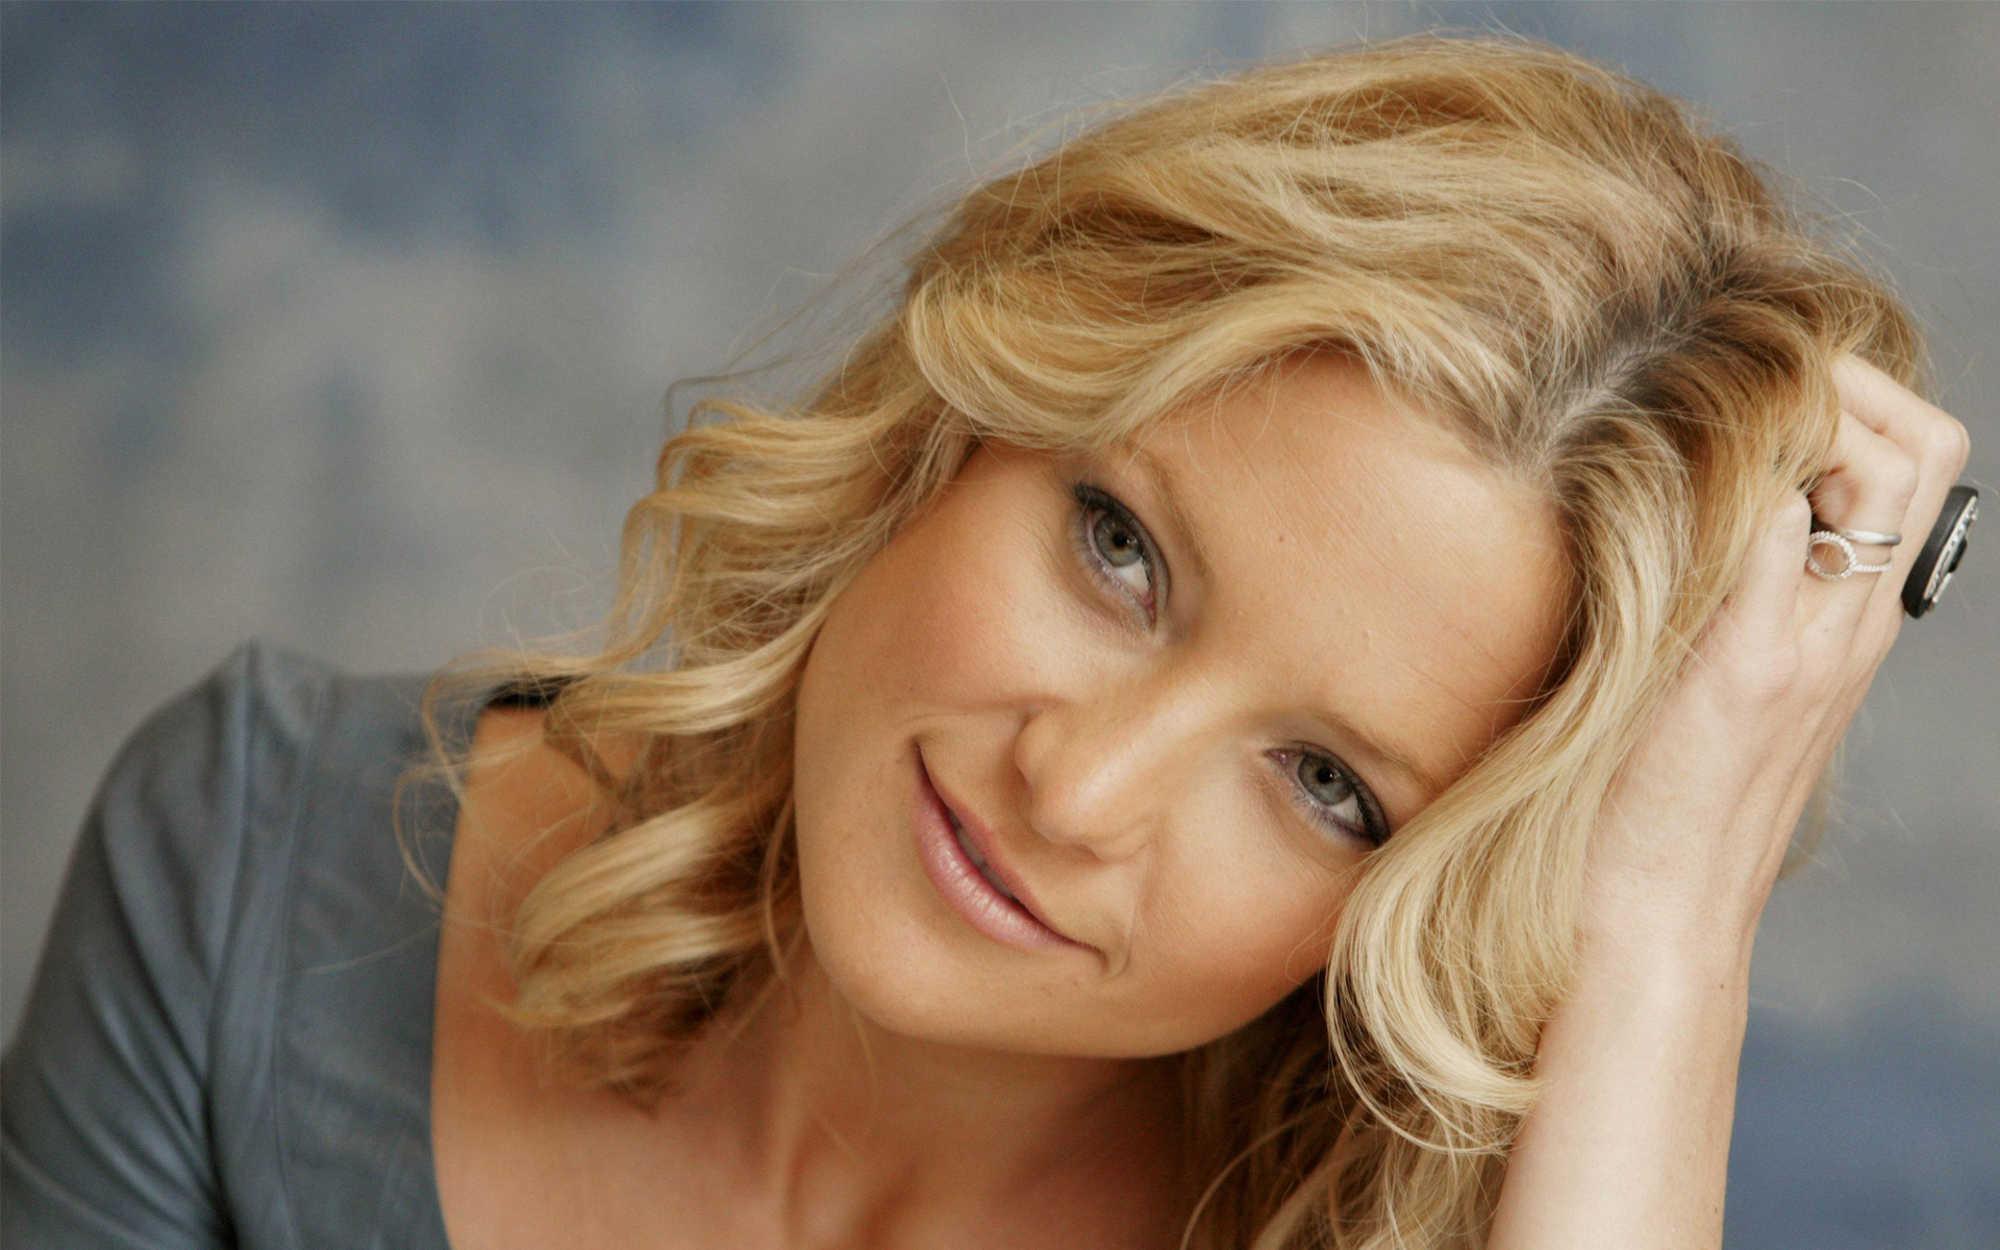 Κέιτ Χάντσον: Καλοκαιρινές διακοπές στη Σκιάθο για την διάσημη ηθοποιό